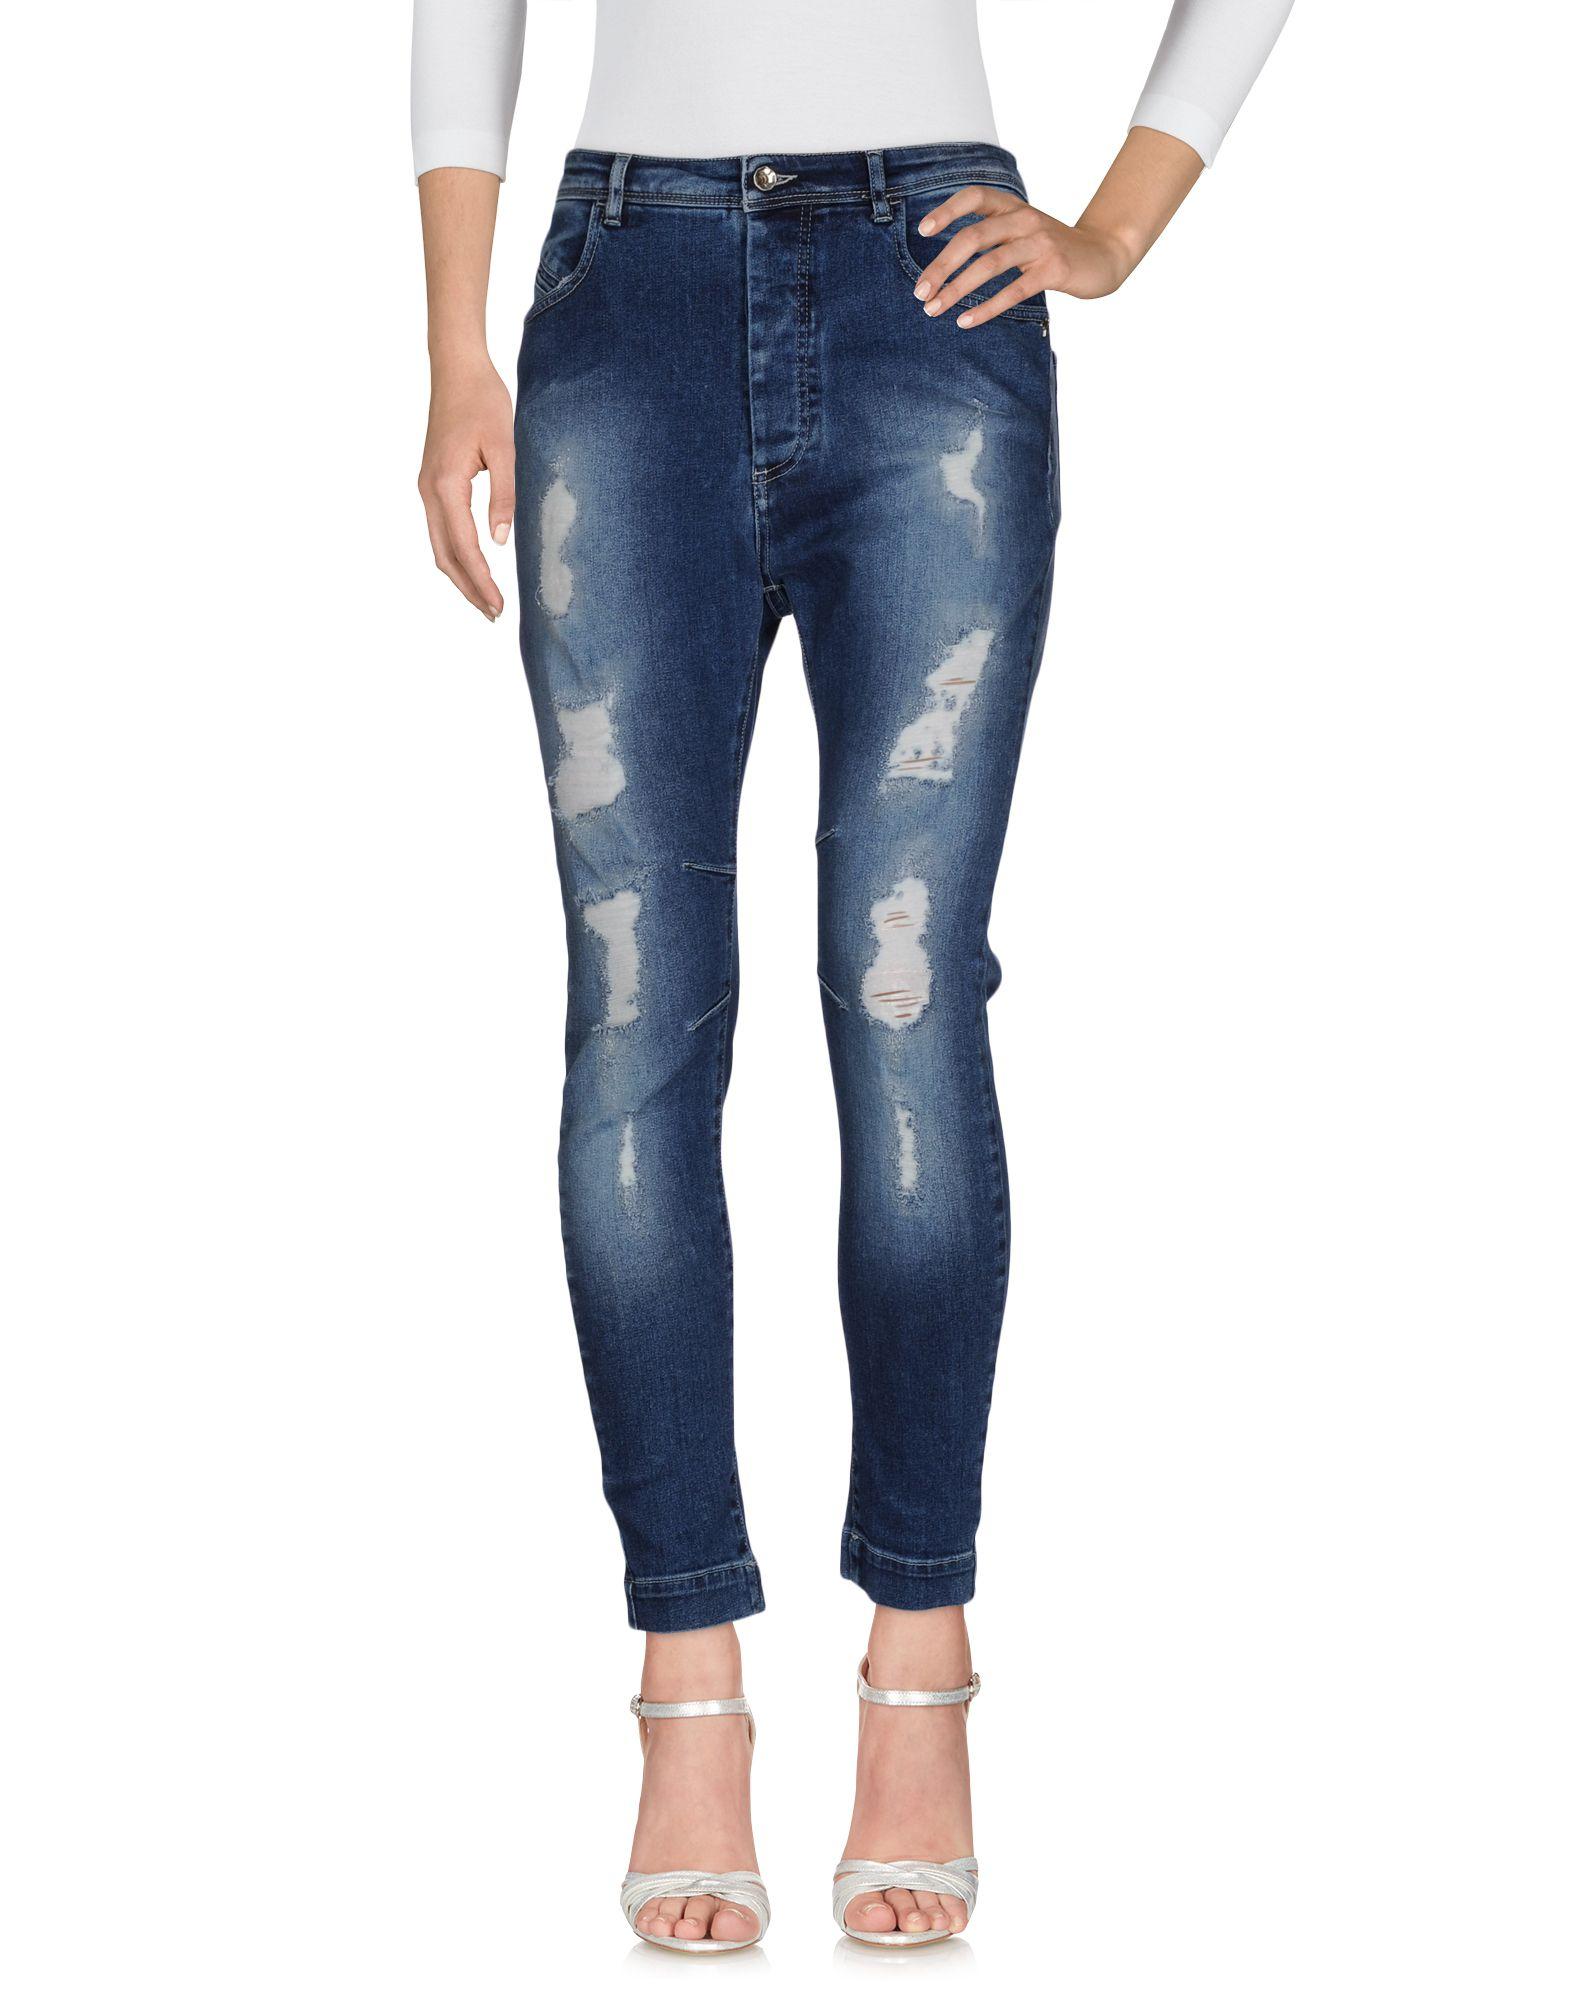 PATRIZIA PEPE Джинсовые брюки patrizia pepe обтягивающие брюки с 5 карманами из хлопкового габардина стрейч